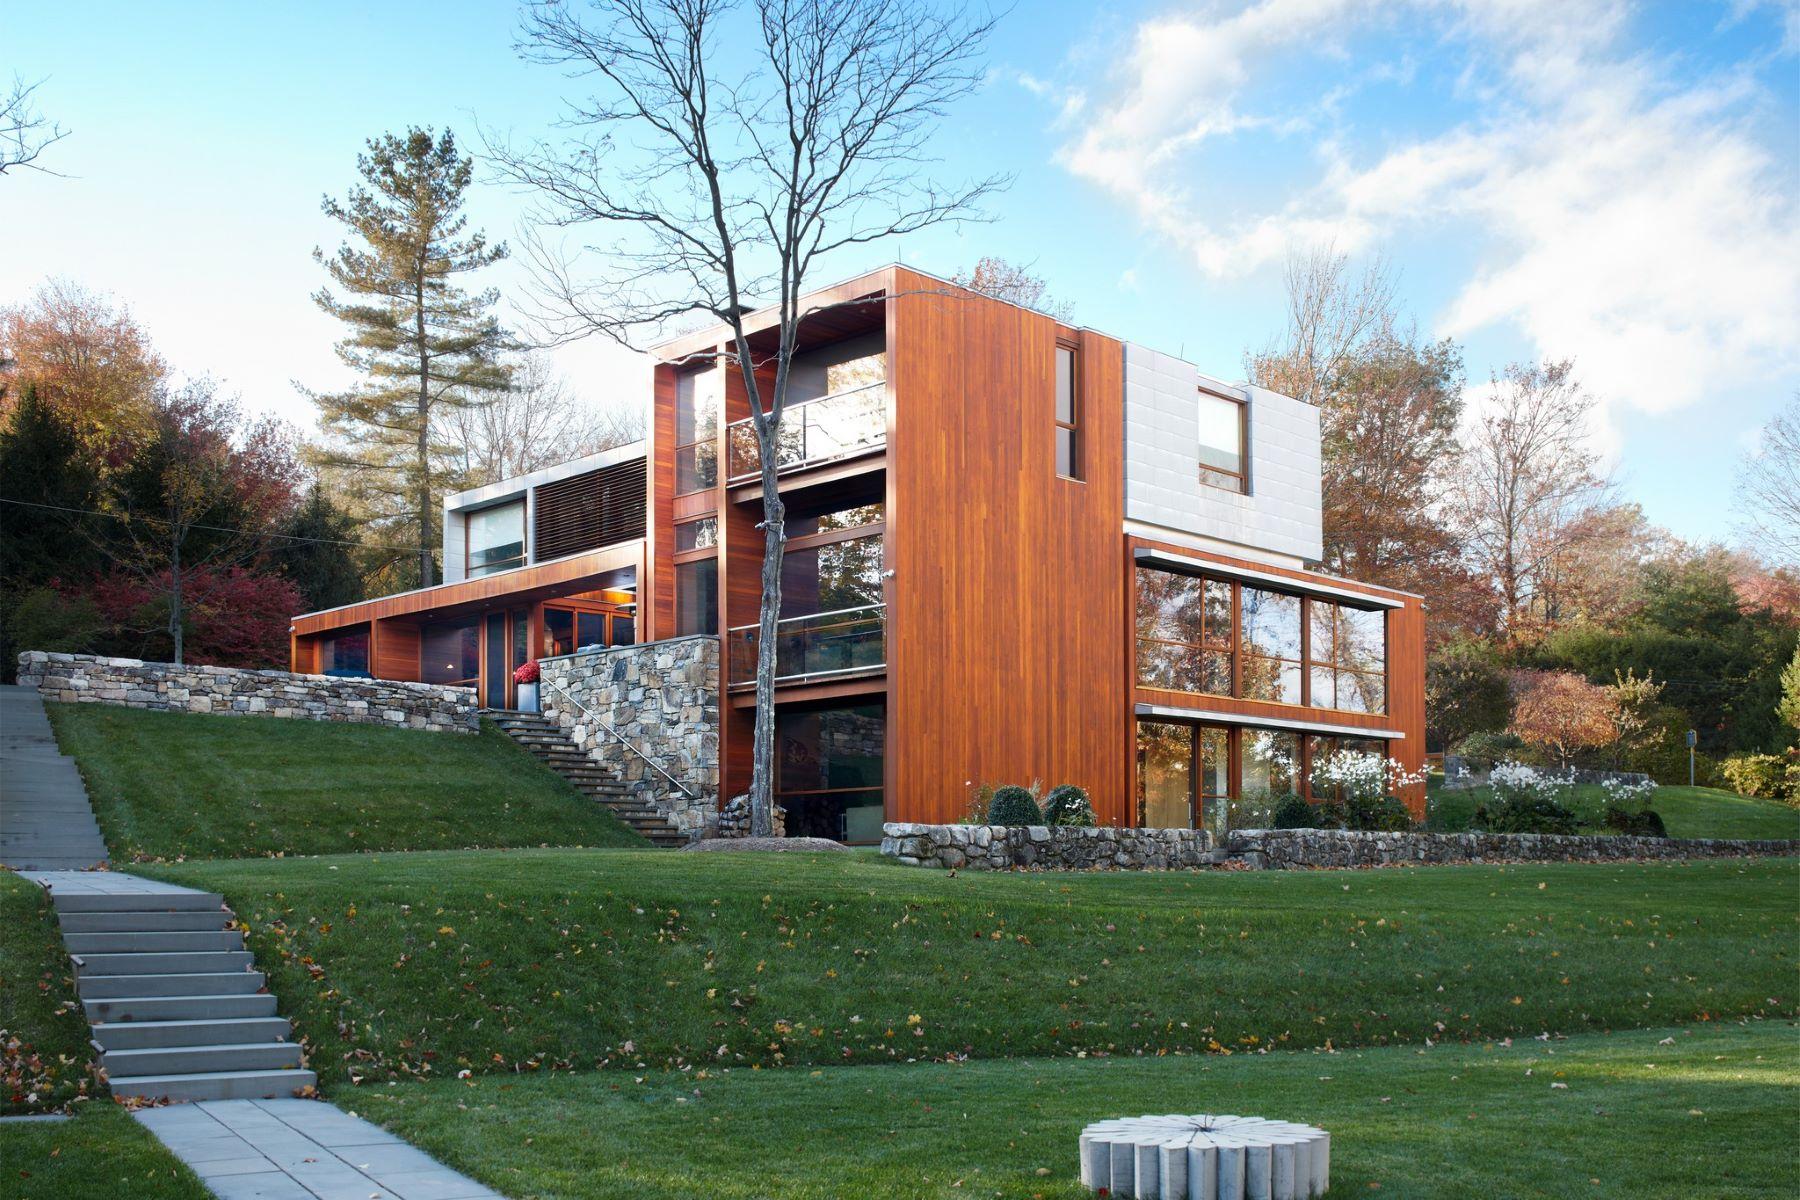 Частный односемейный дом для того Продажа на 81 Cross Ridge Road New Canaan, Коннектикут, 06840 Соединенные Штаты